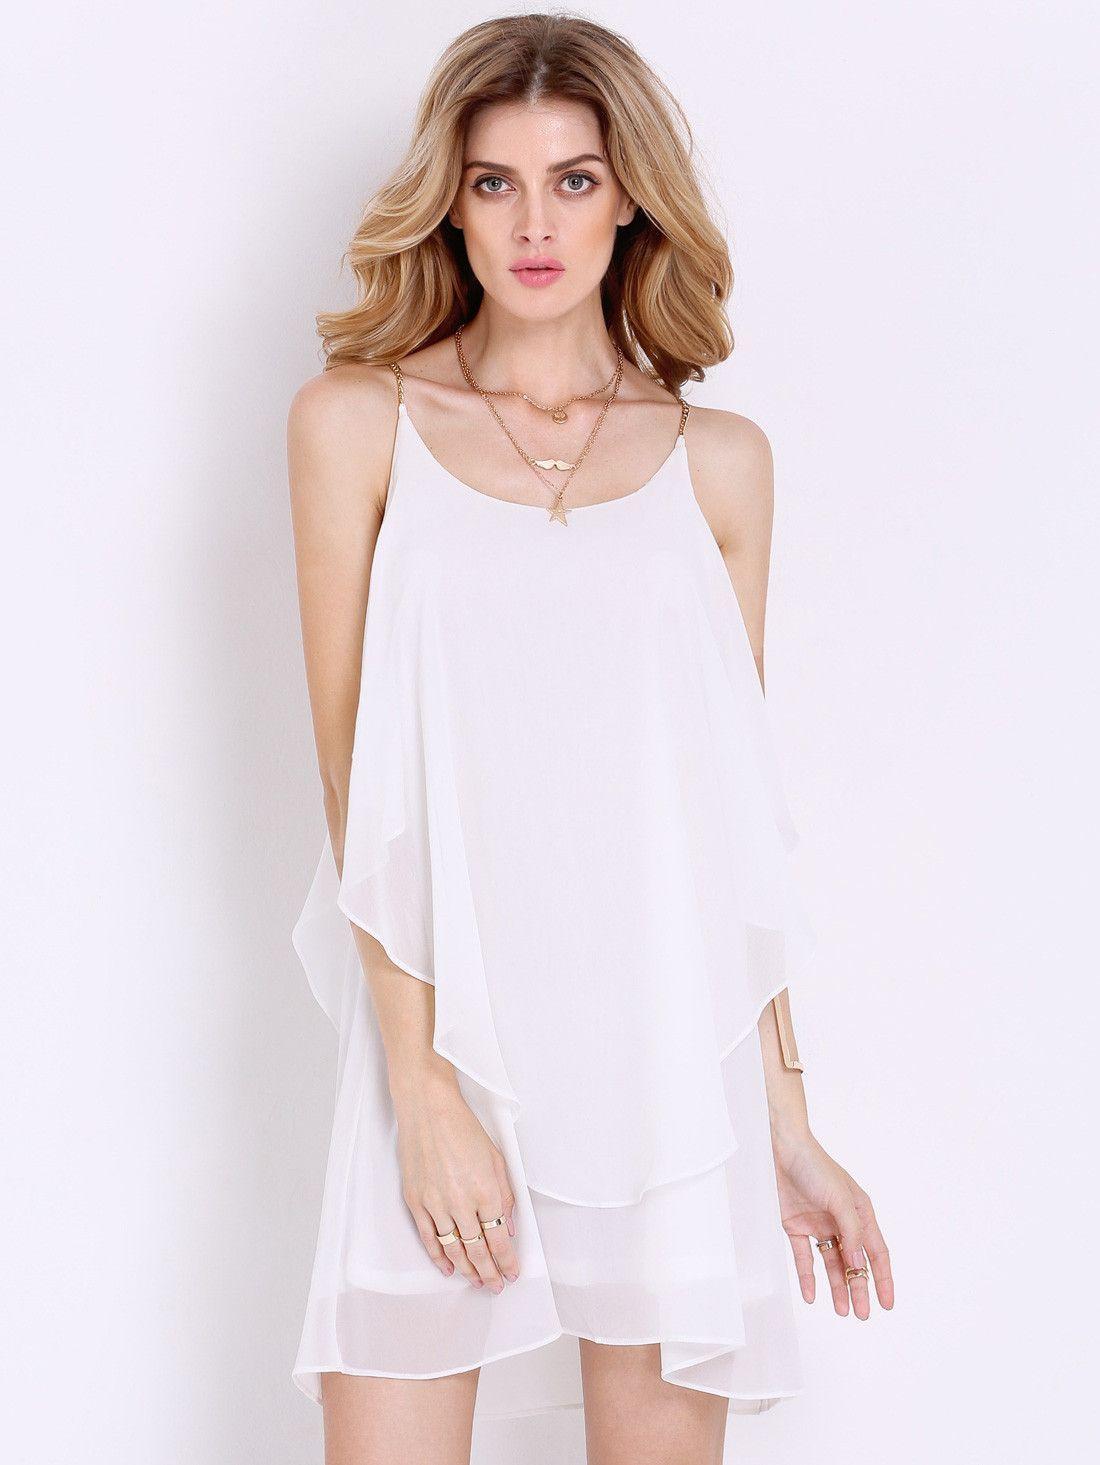 Spaghetti Strap Summer Dress  White Short Spaghetti Strap Summer Dress – fashion dresses